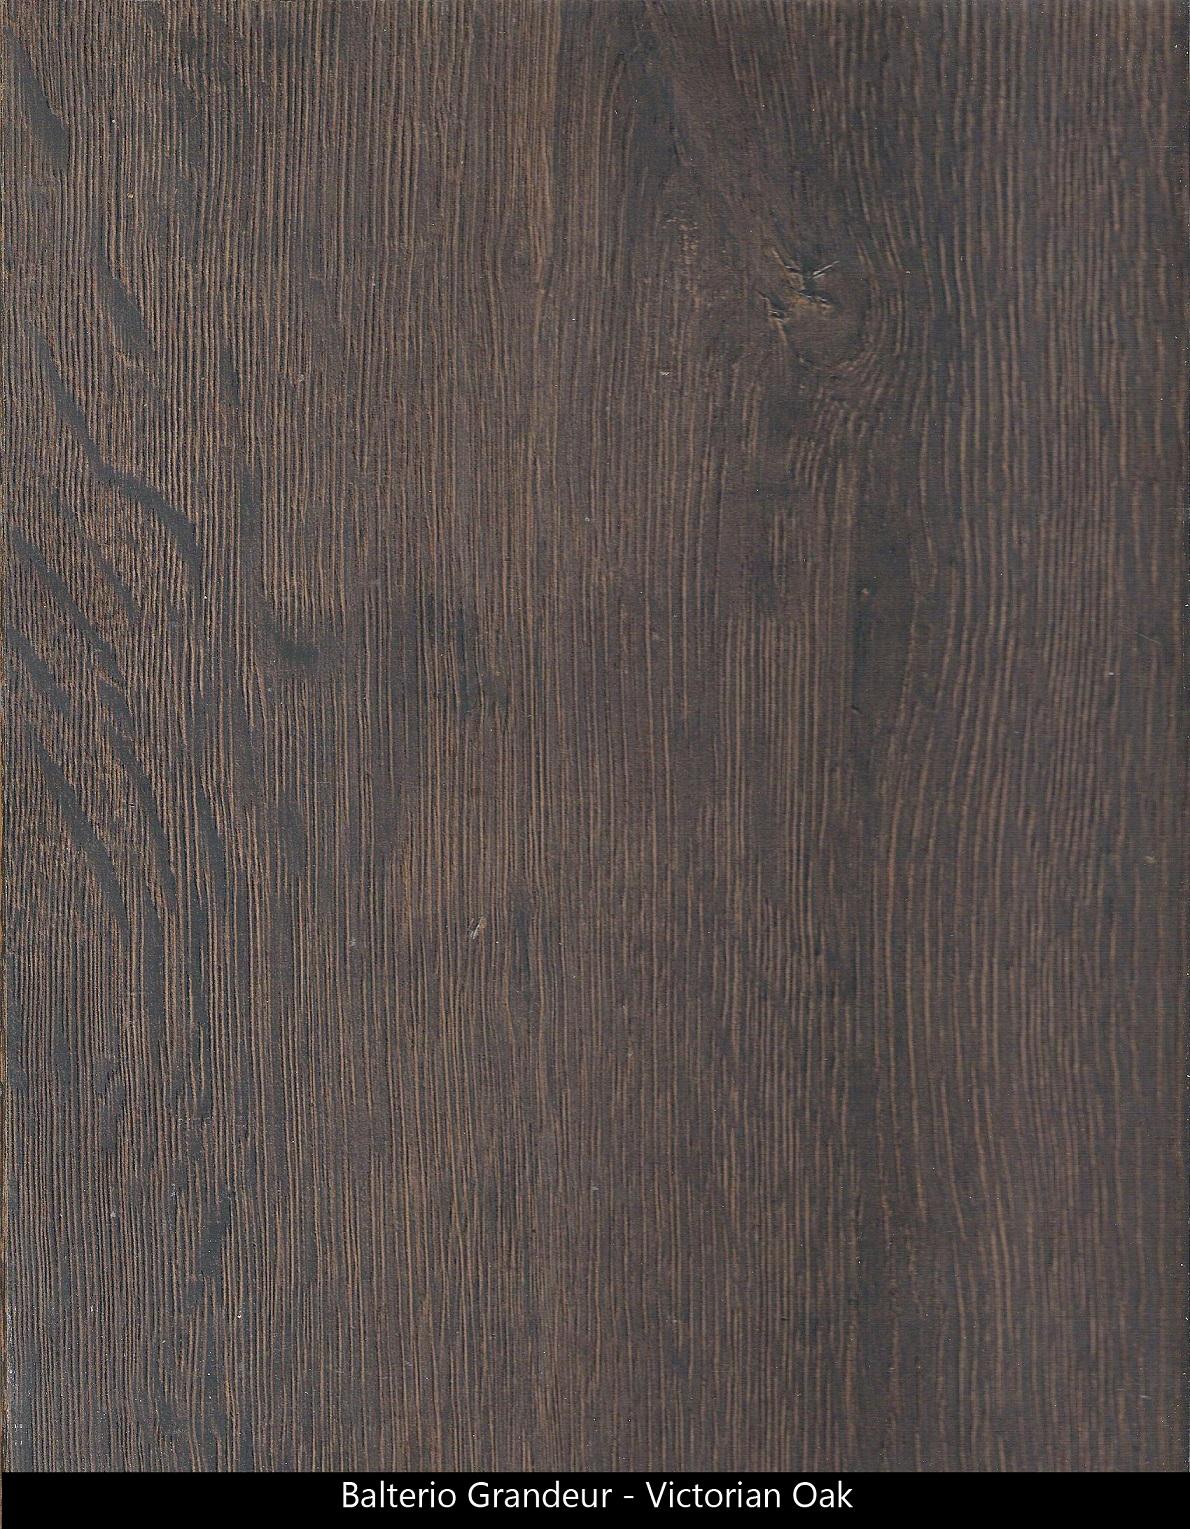 dark brown wood floor. Balterio Grandeur  Victorian Oak GRAND595 Woodstock Floors Laminated Menlo Park Products